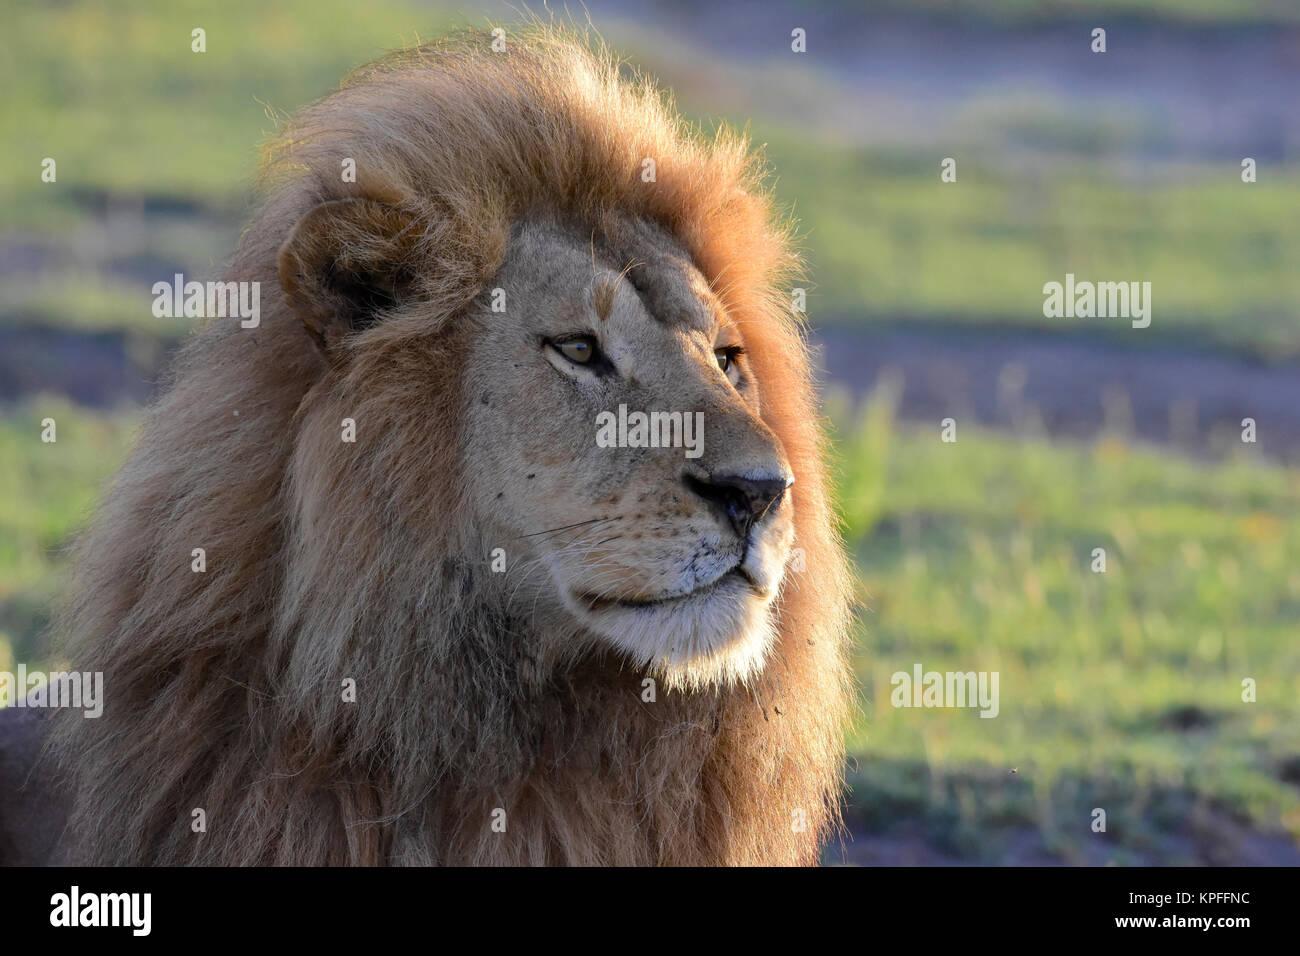 Wildlife Sightseeing in einer der Tierwelt Reiseziele auf earht - Serengeti, Tansania. starrte Mähnenlöwen. Stockfoto